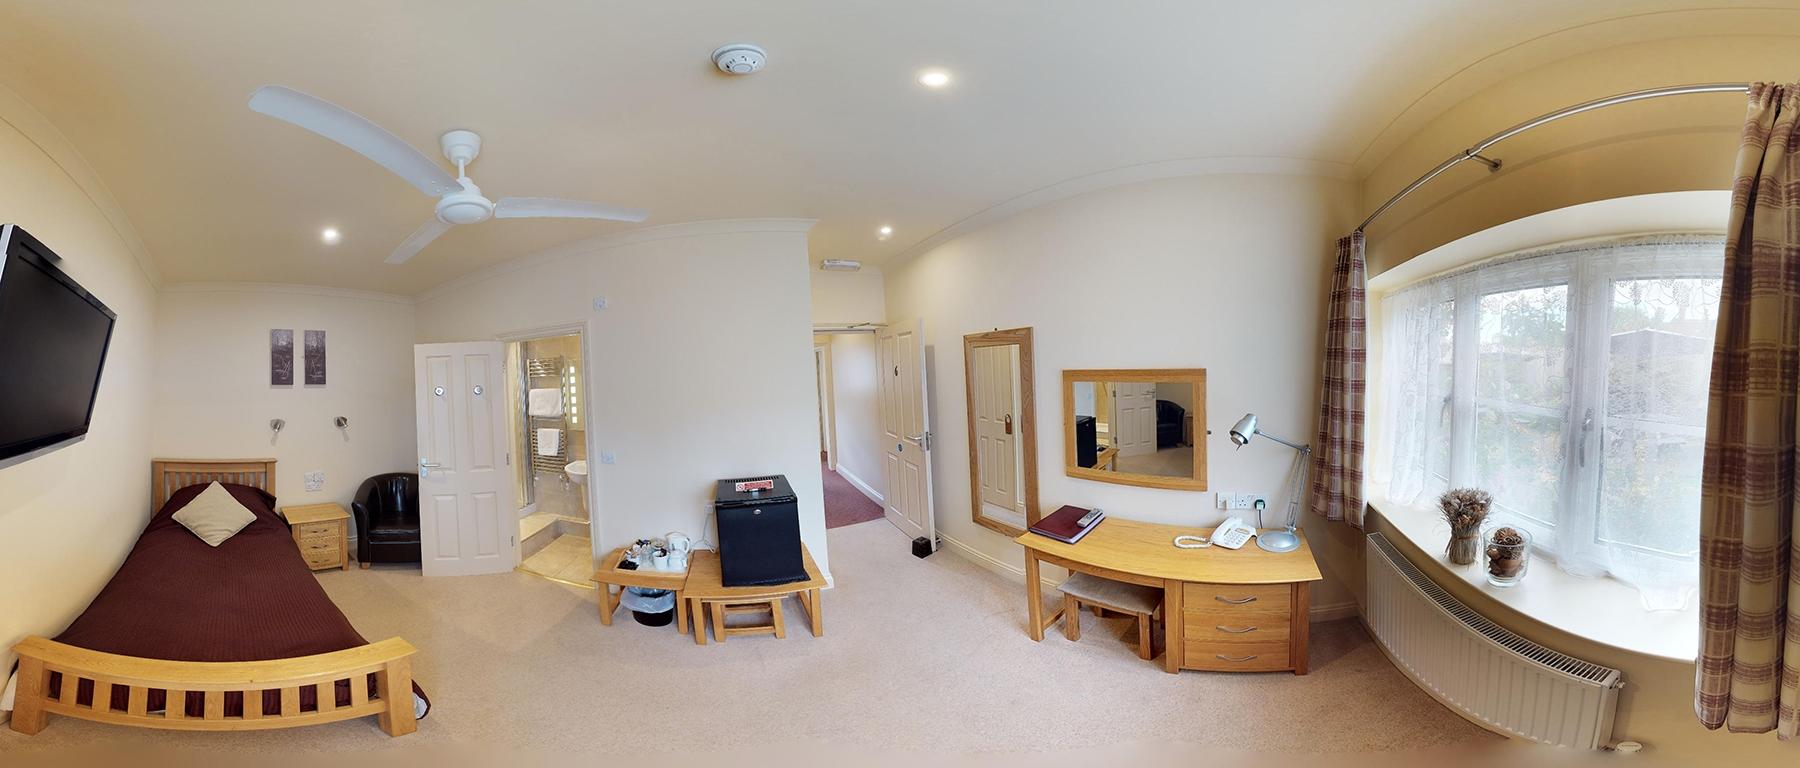 Mason New Bedroom 1